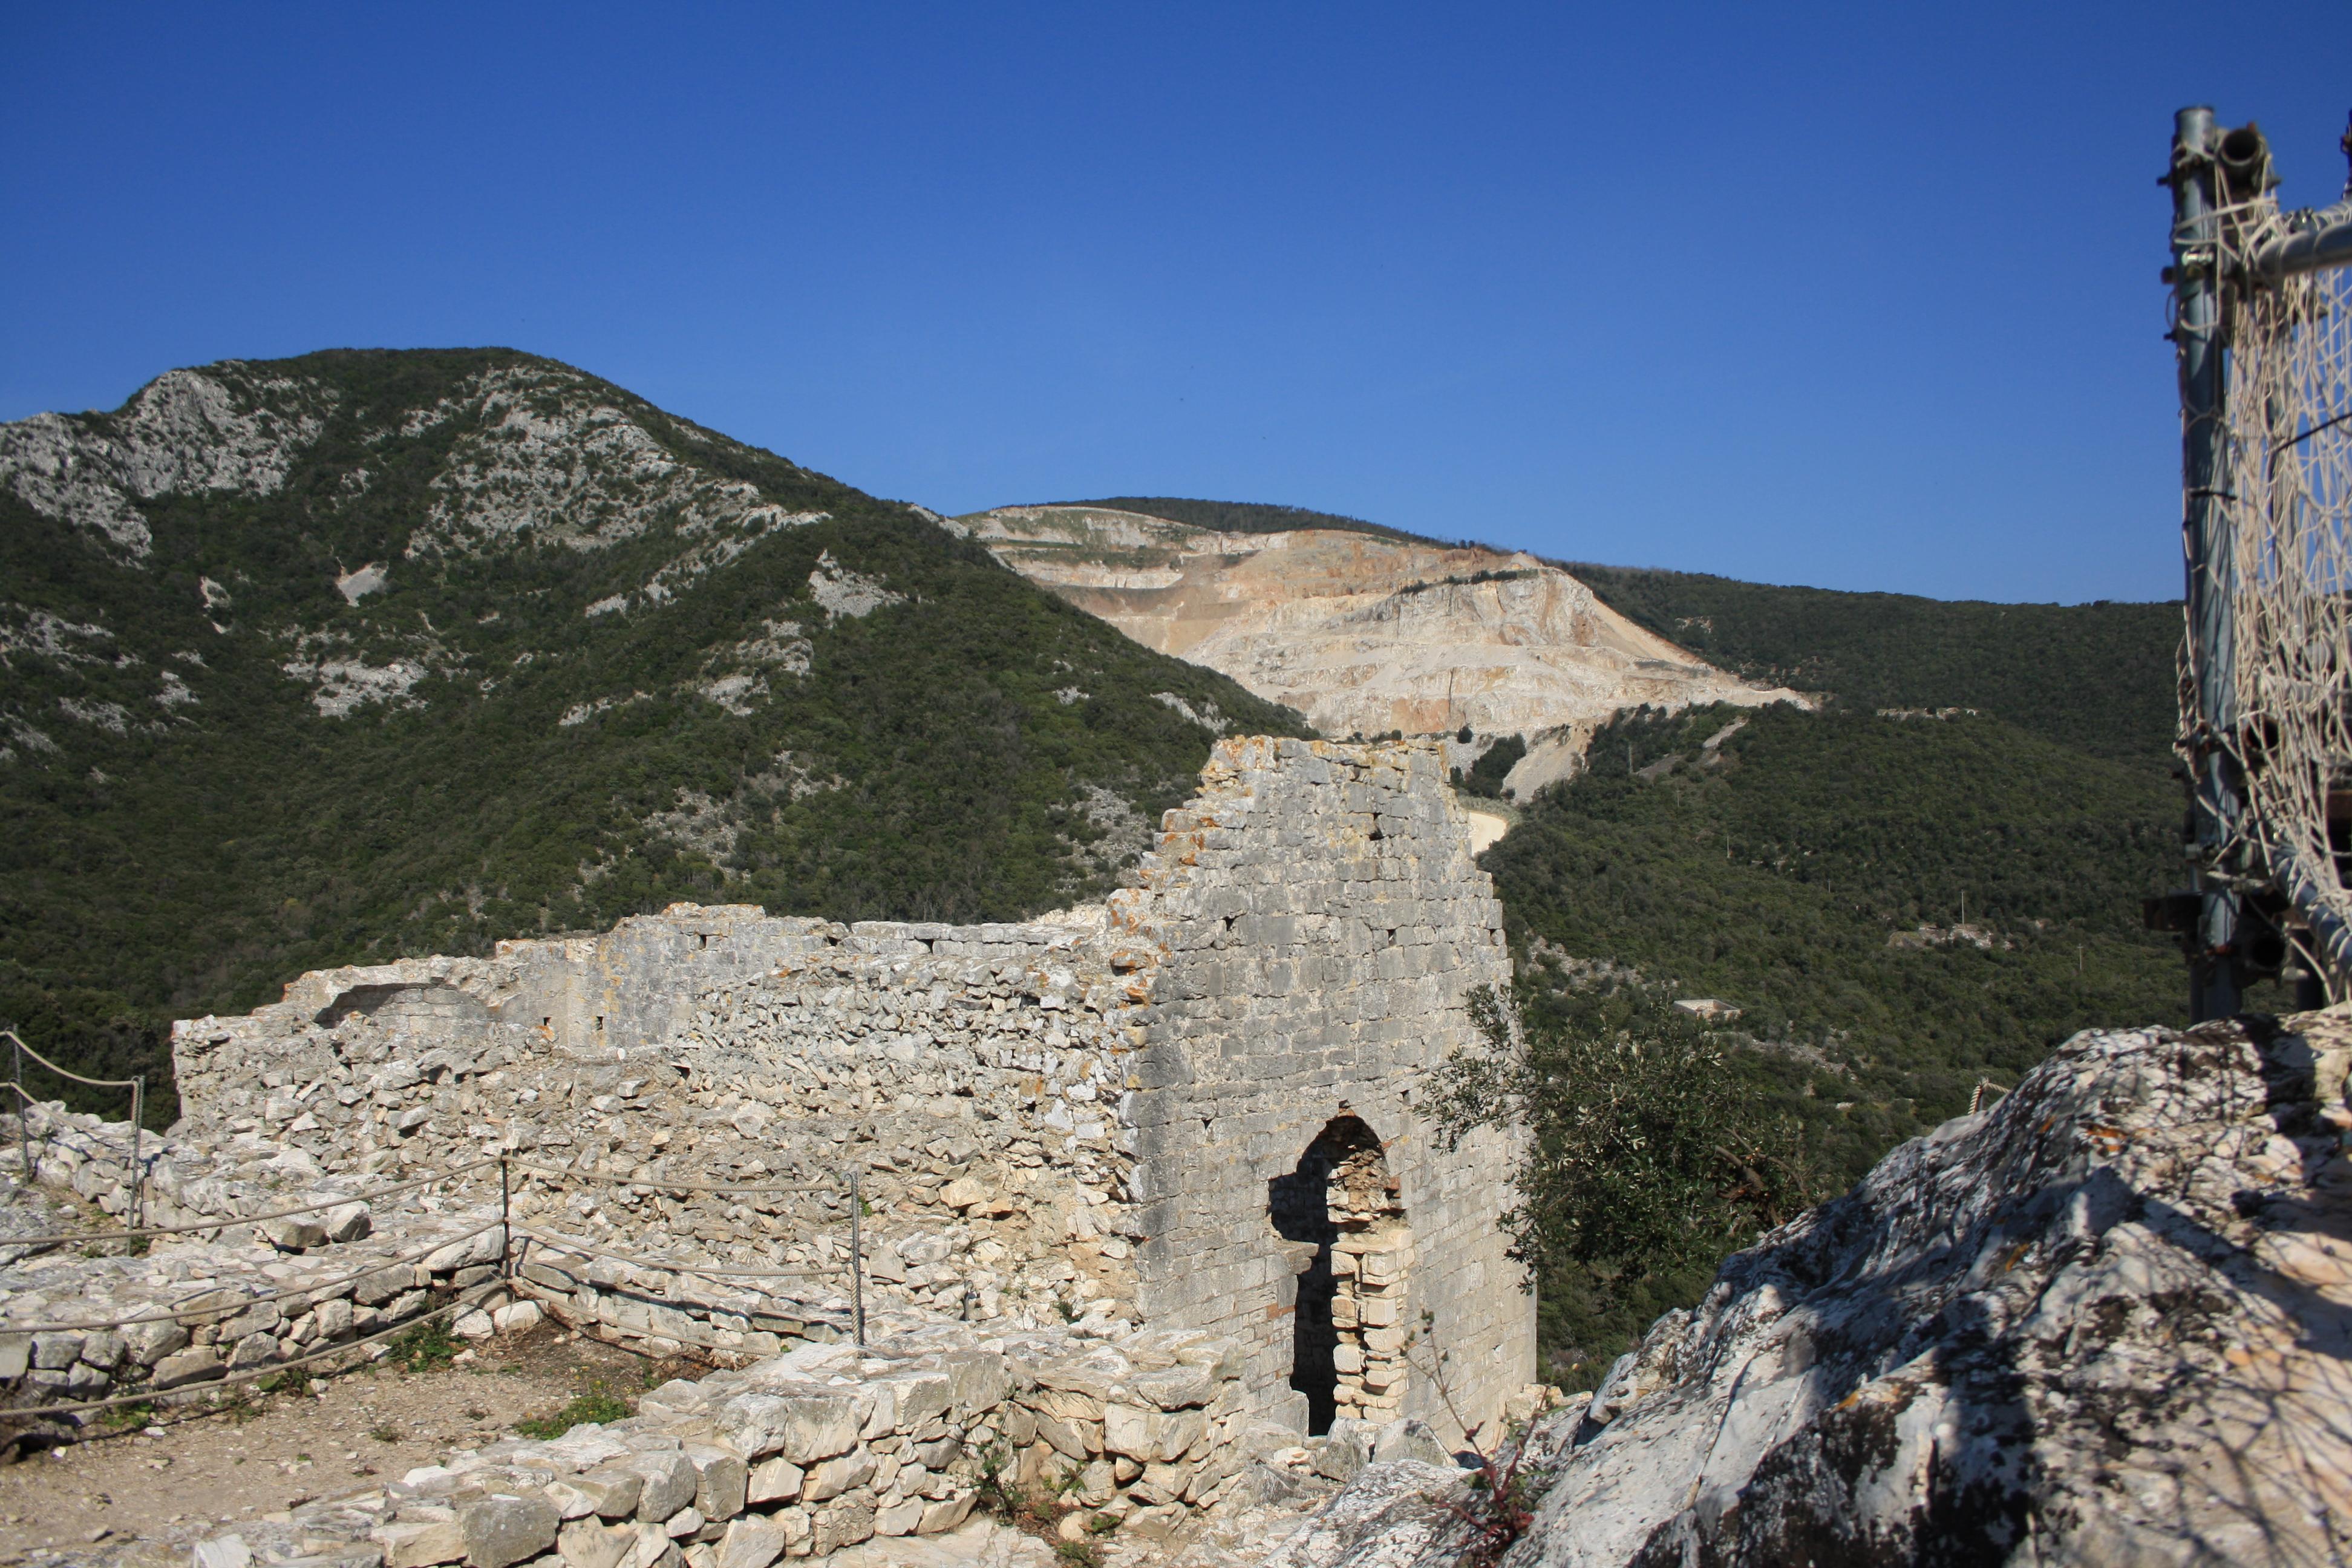 Chiesa San Silvestro, Parco archeominerario di San Silvestro